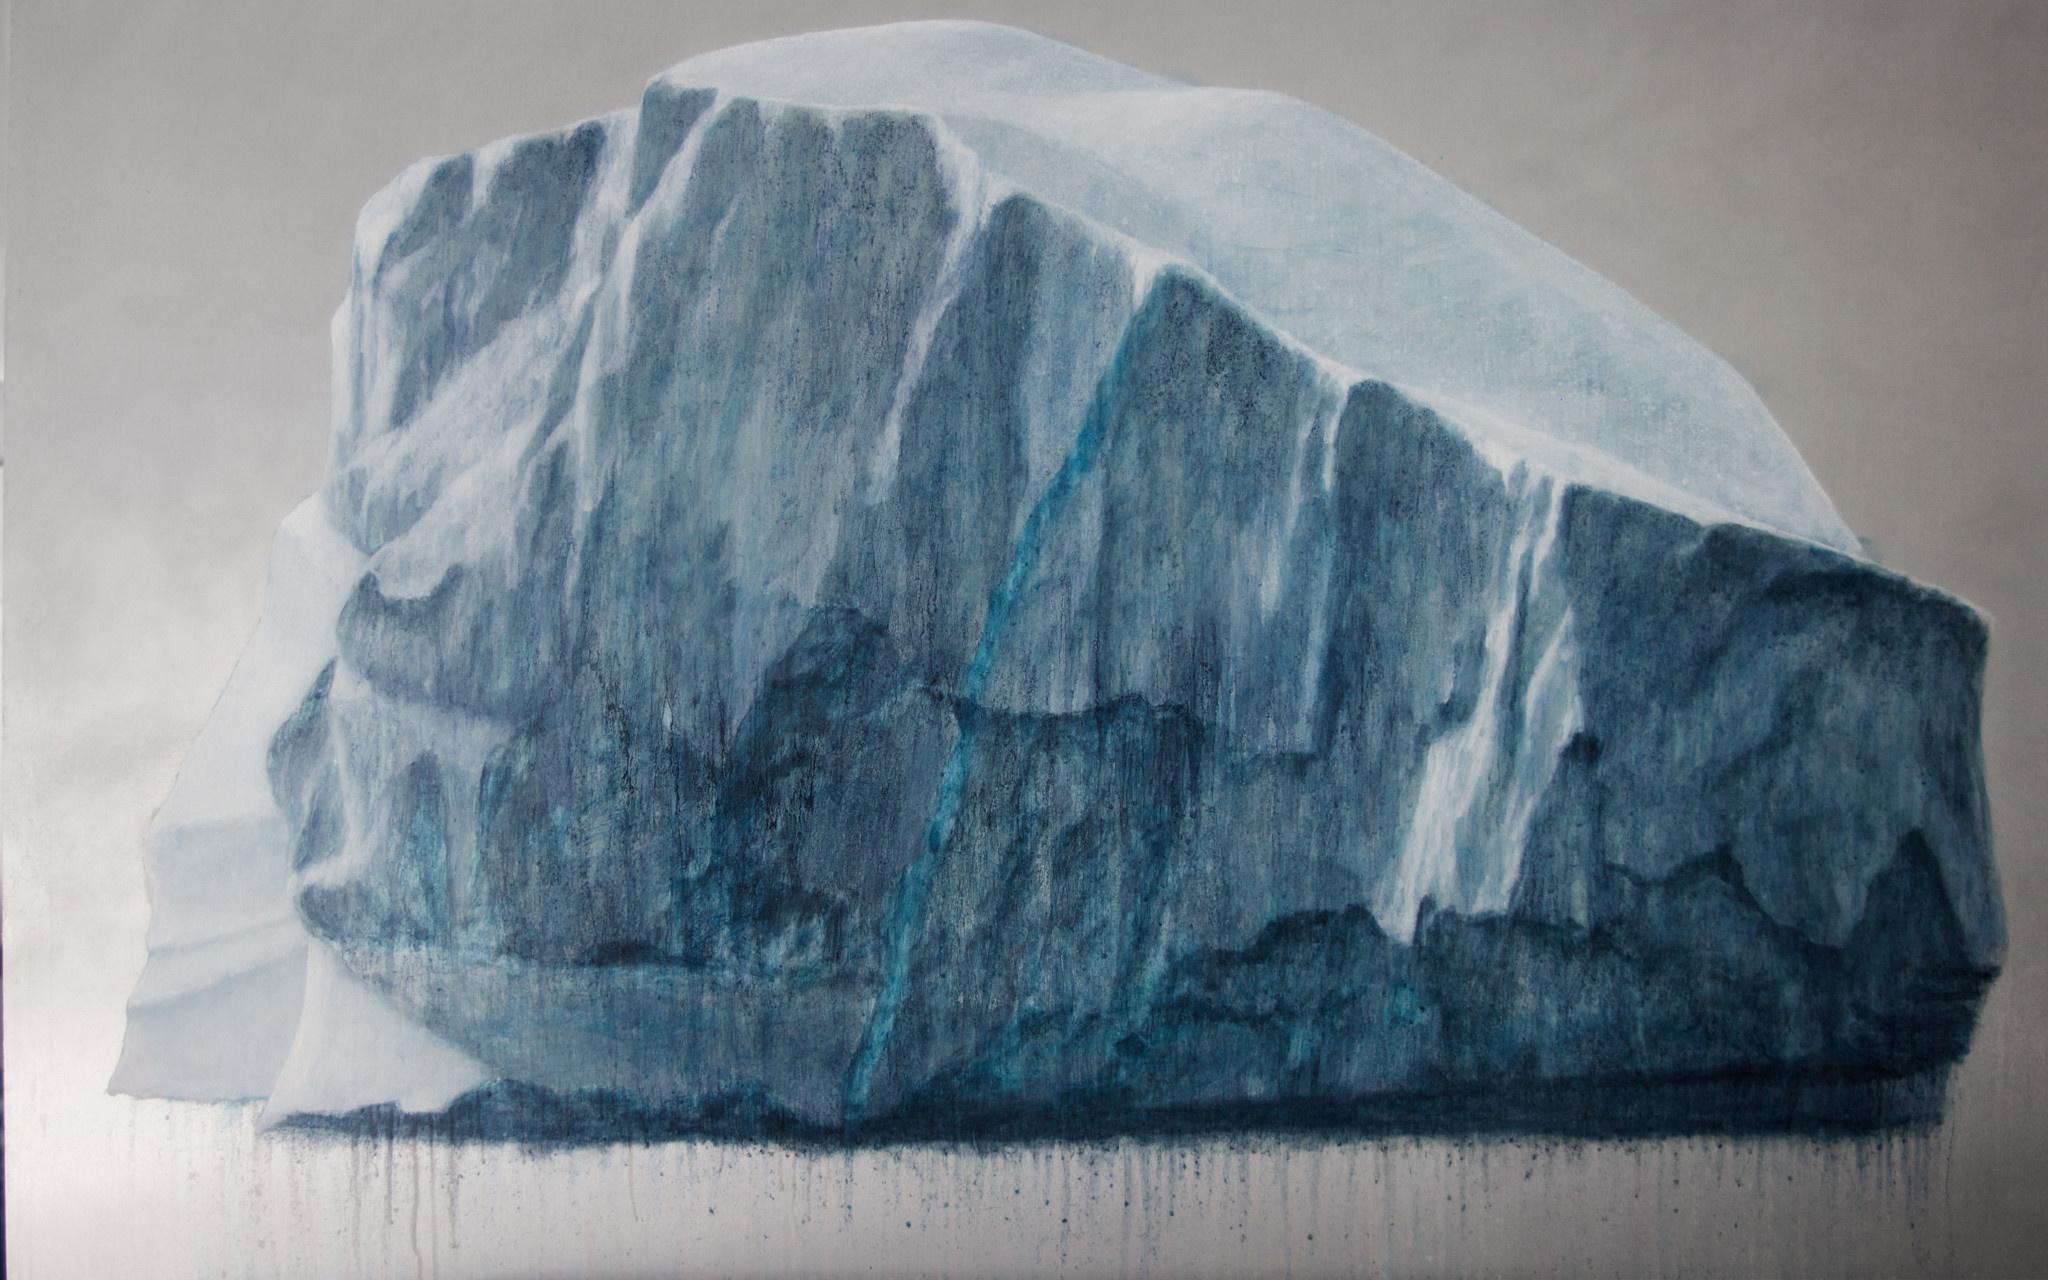 Melting Iceberg - Greenland I